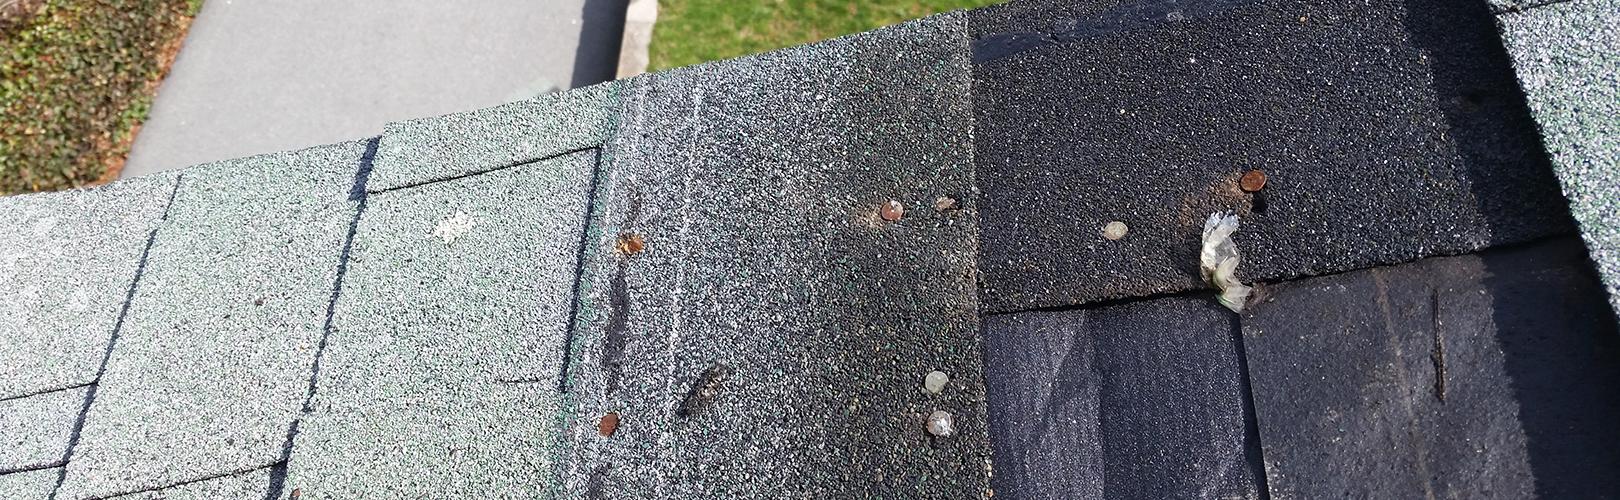 roof repair ct